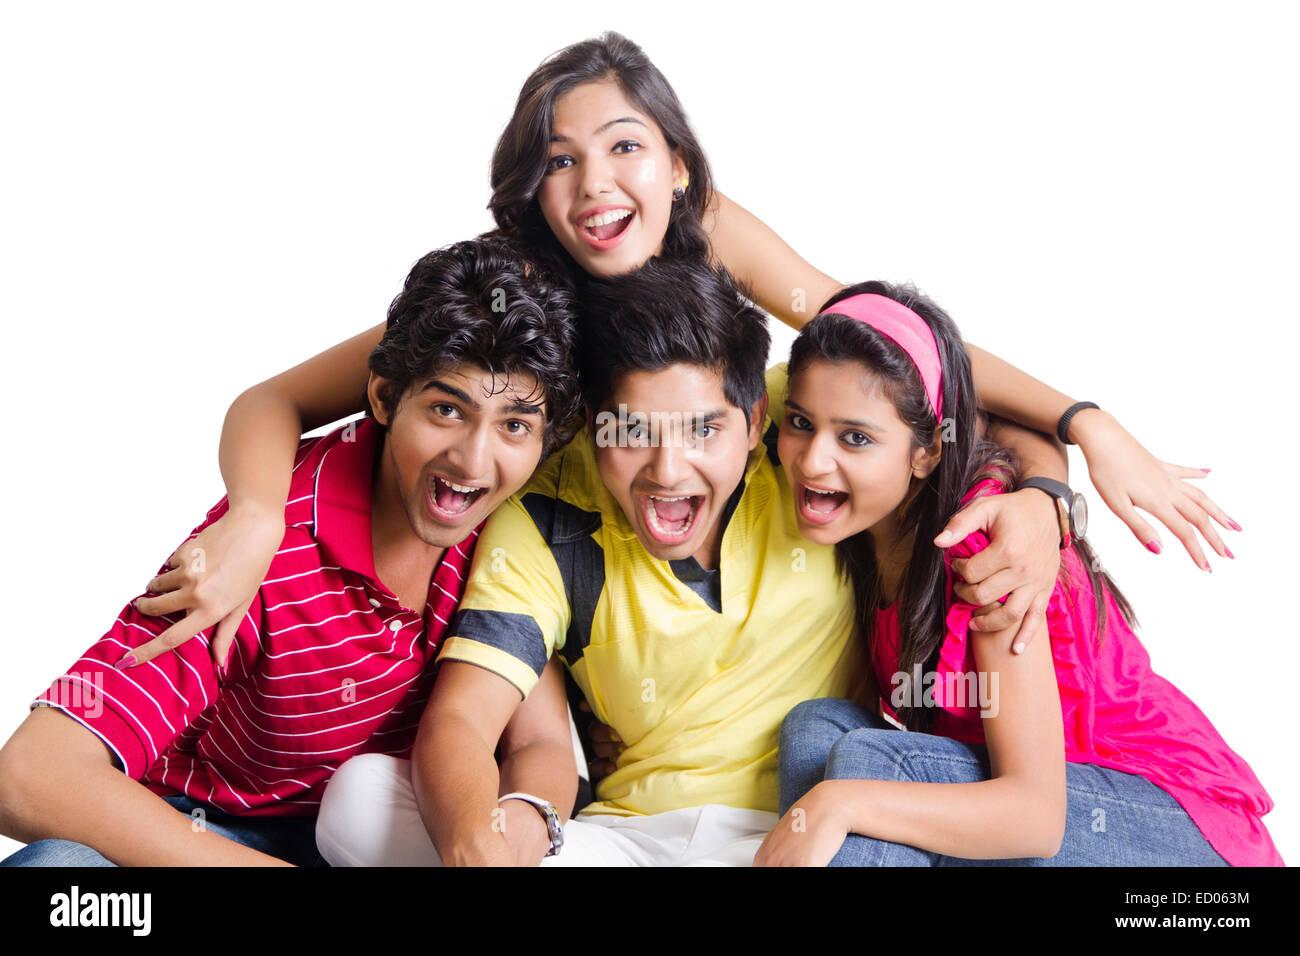 indian college Friends Mischief - Stock Image